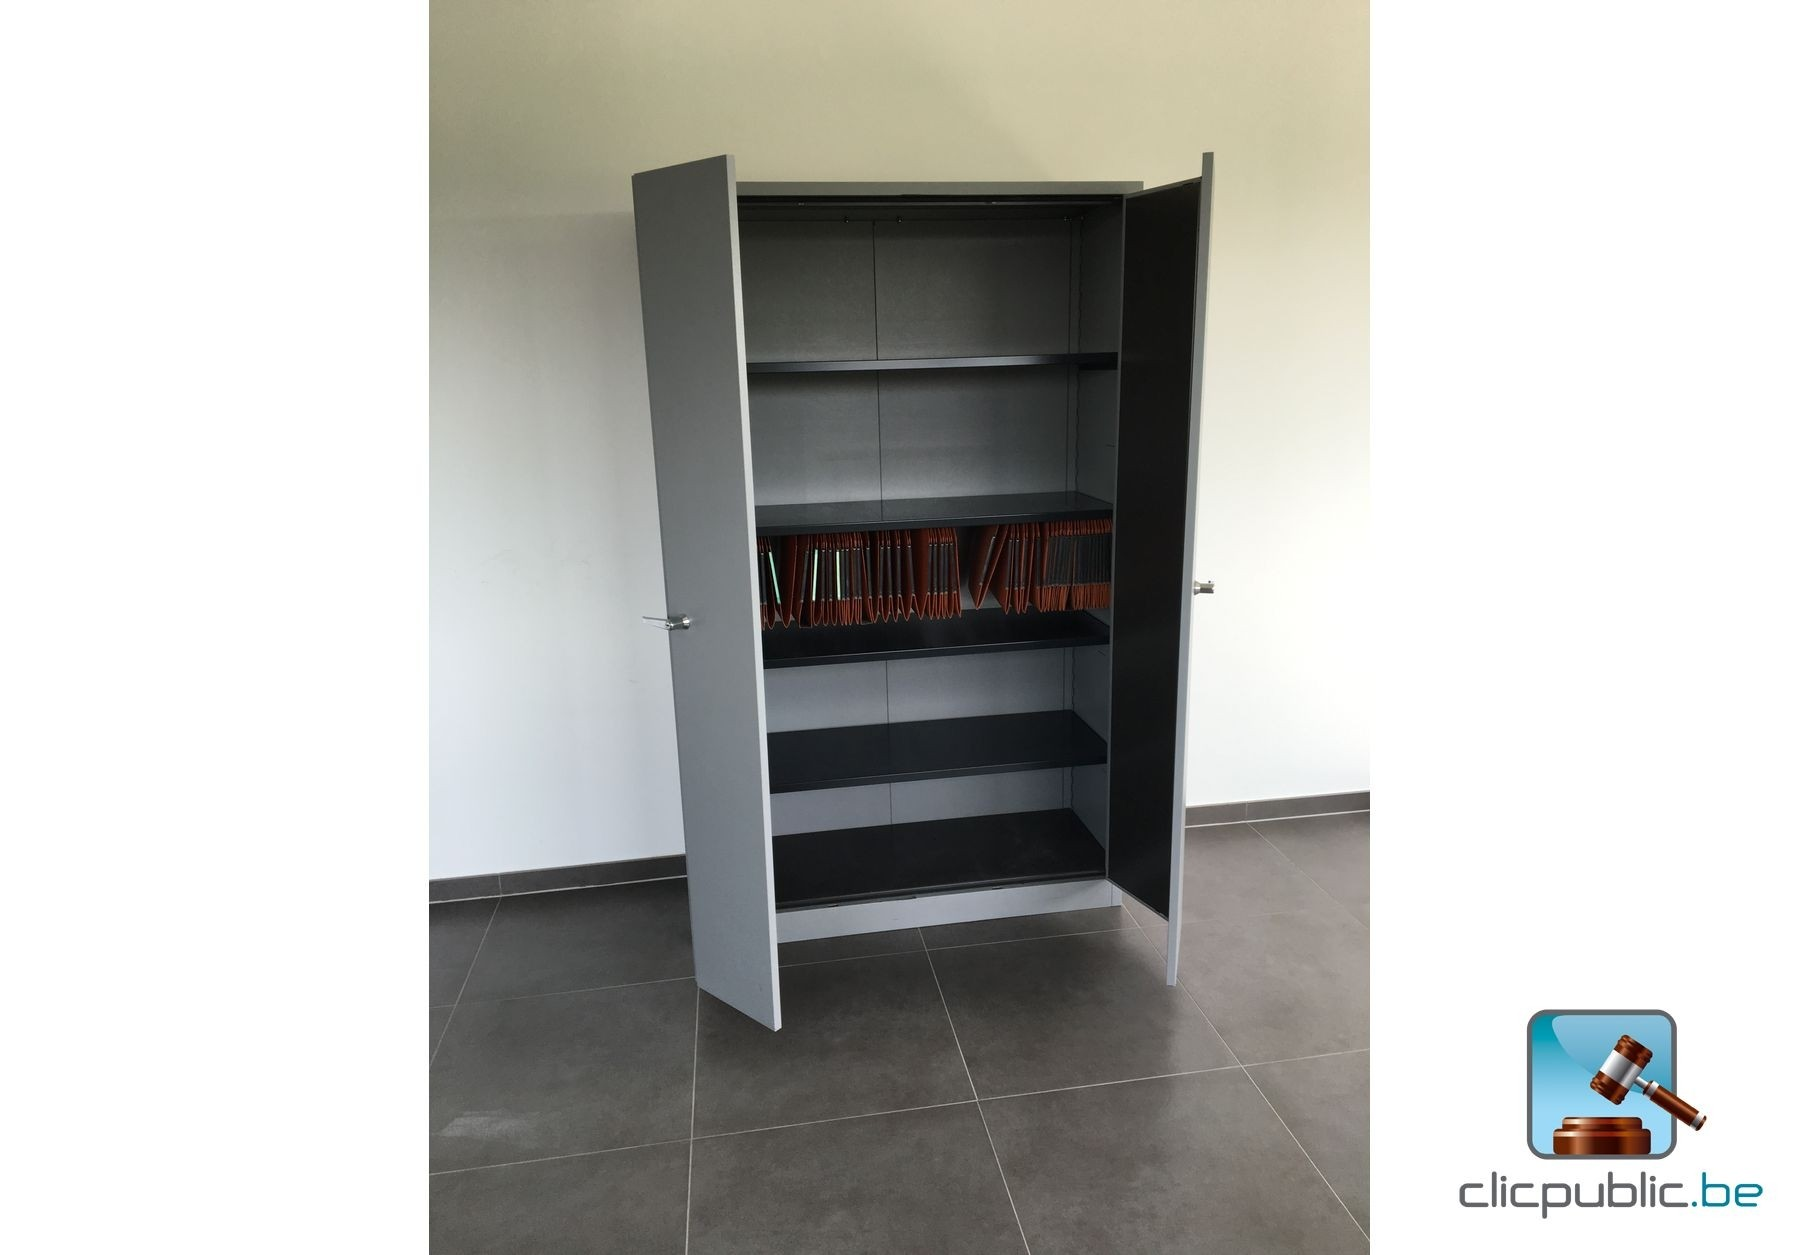 mat riel informatique mobilier de bureau ref 27 vendre sur. Black Bedroom Furniture Sets. Home Design Ideas